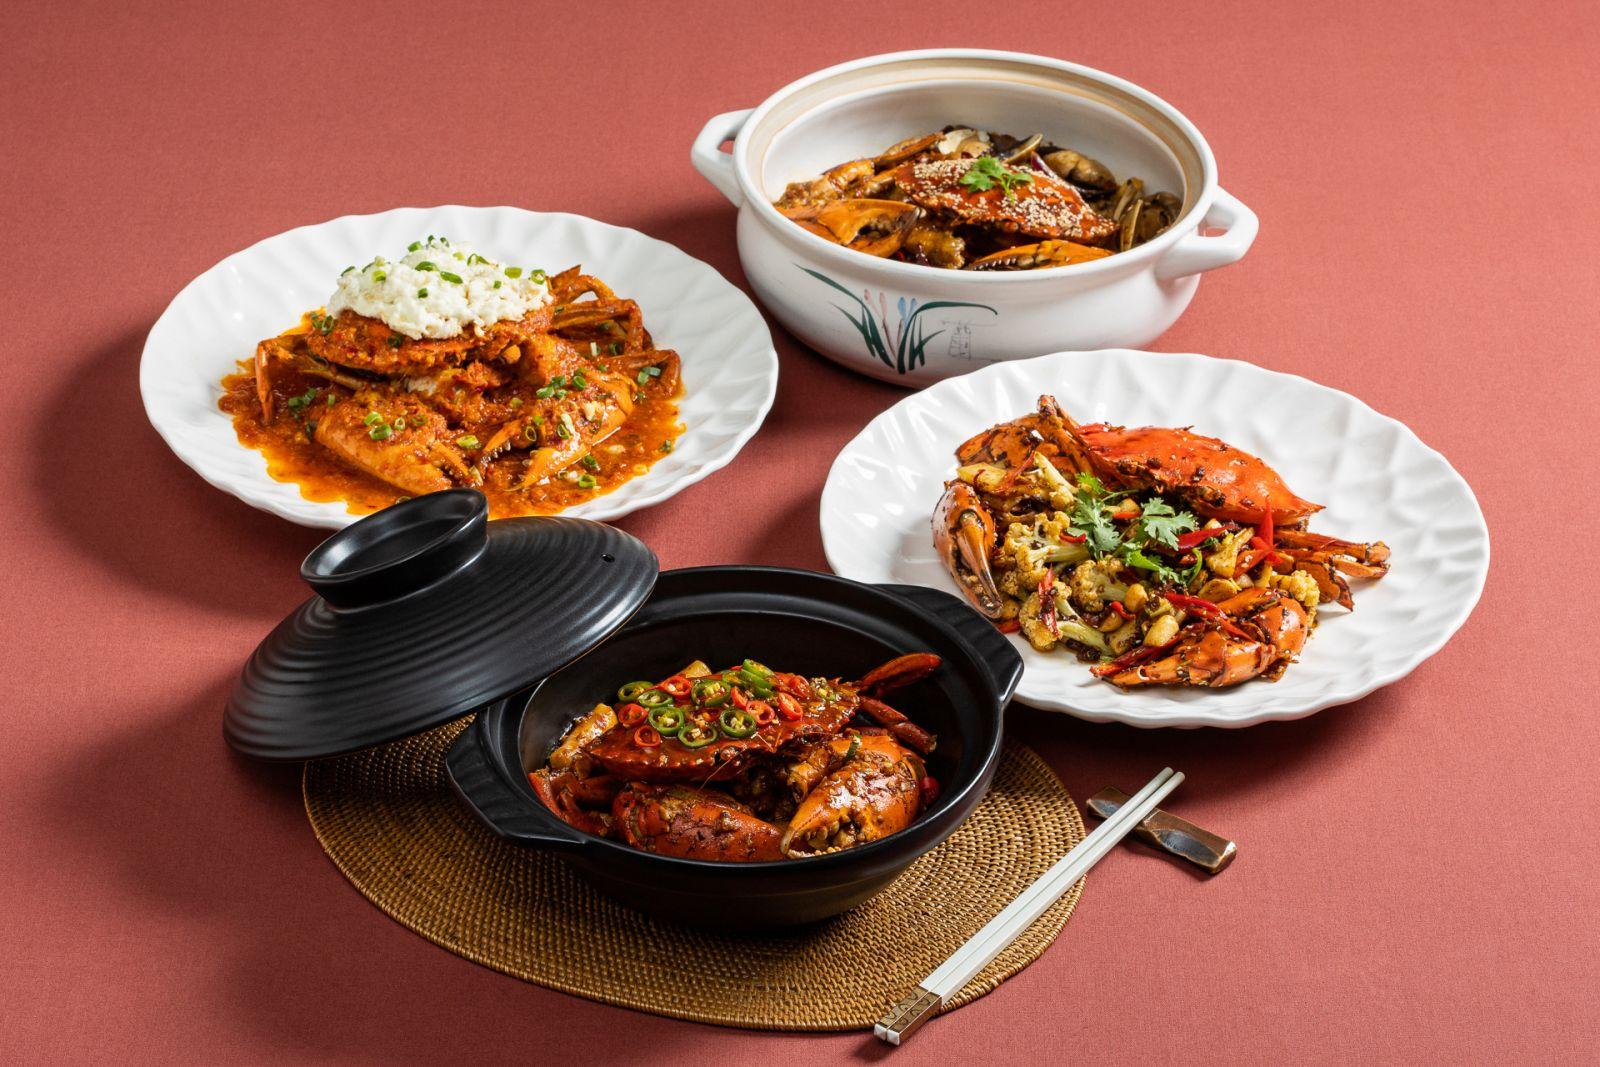 【國賓川菜廳】大啖秋蟹趁現在!國賓川菜廳獨家六種吃法新上市